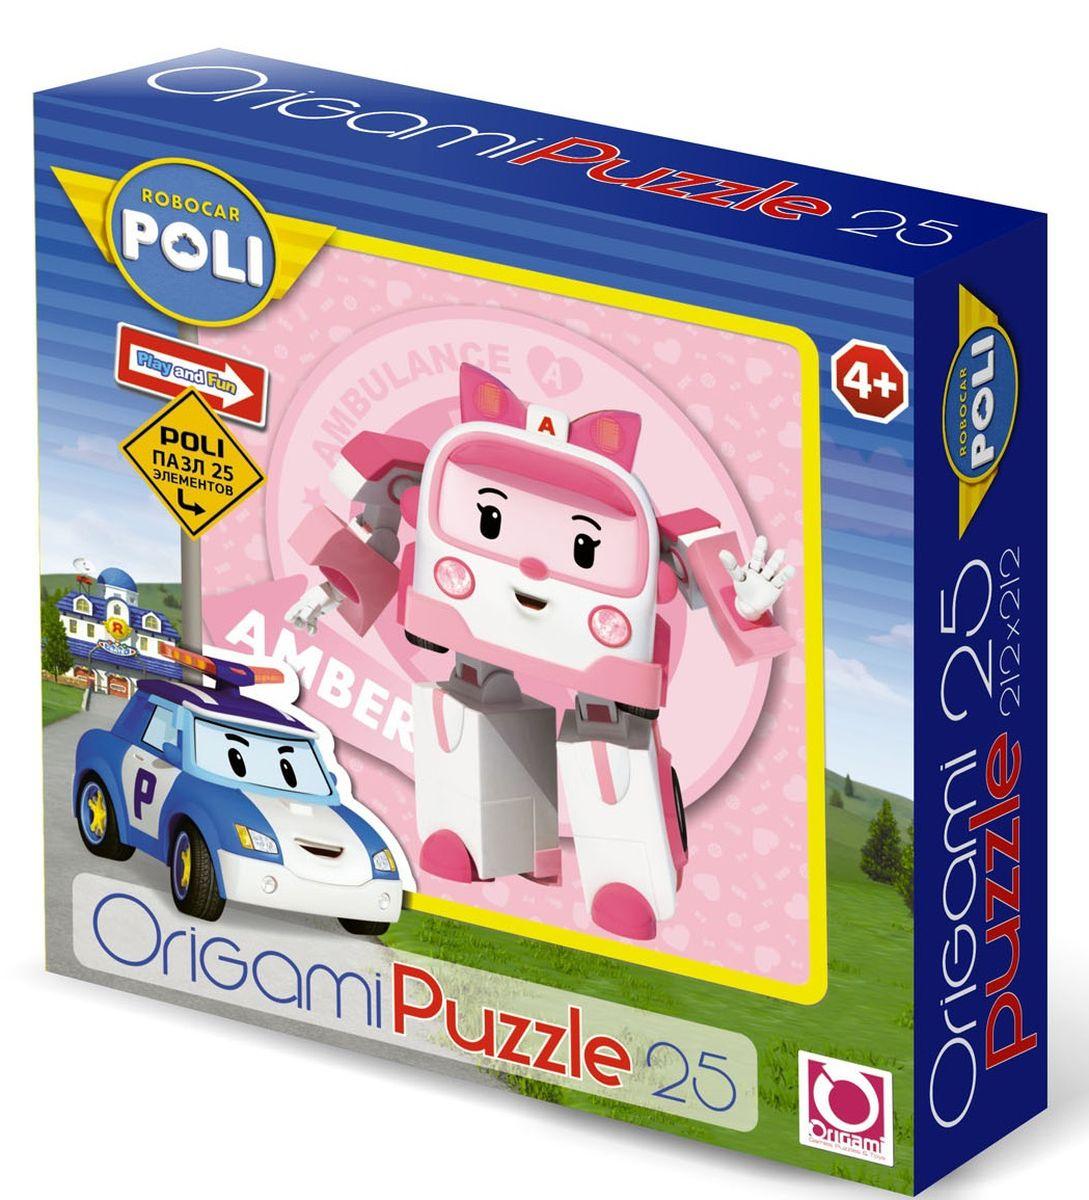 Оригами Пазл для малышей Robocar Poli 00161